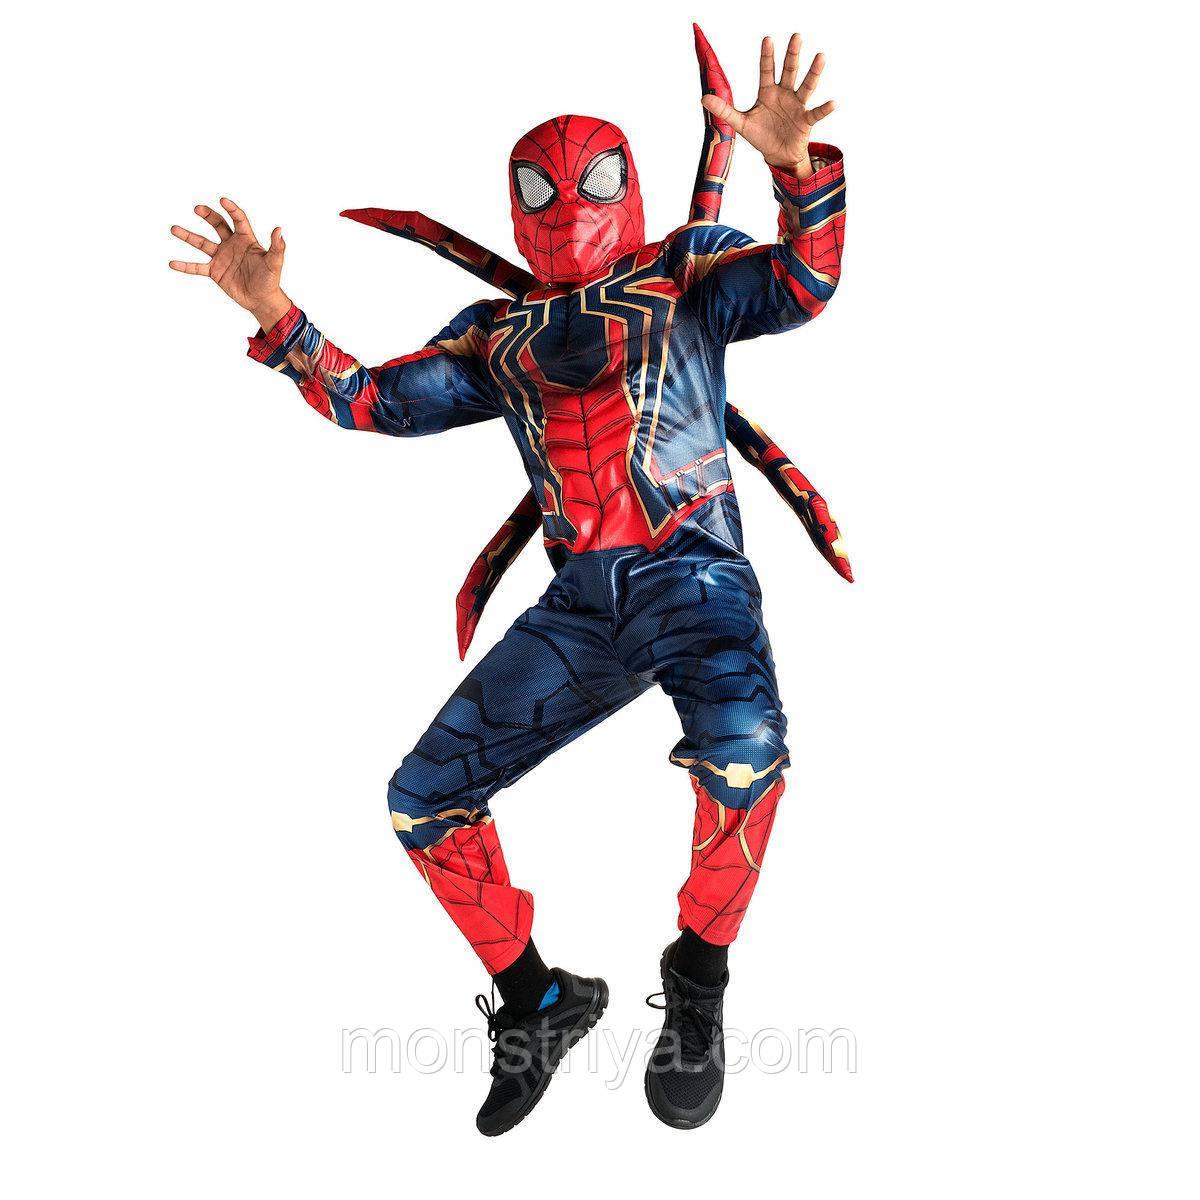 Новинка! Карнавальный костюм Человек-паук Дисней Spider-Man DISNEY 2018